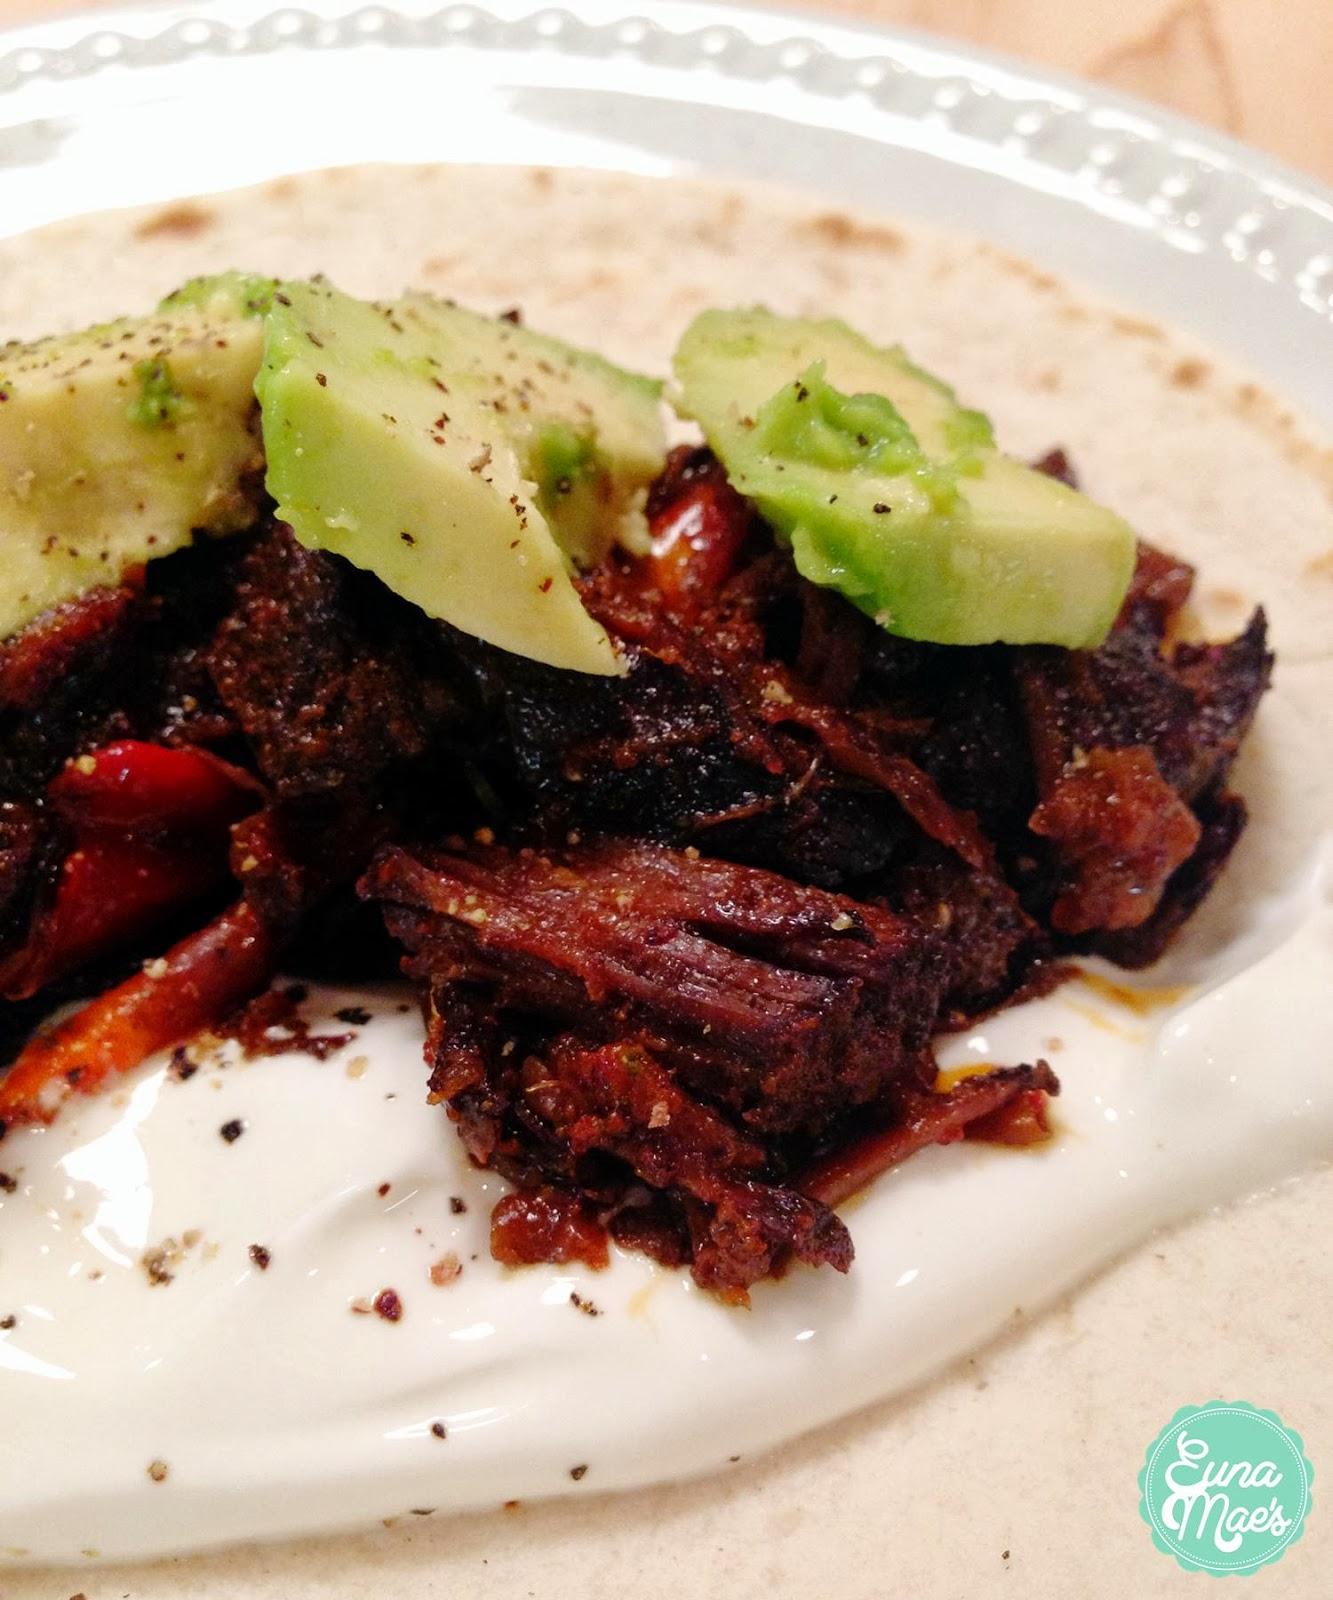 Euna Mae's : easy carne asada tacos